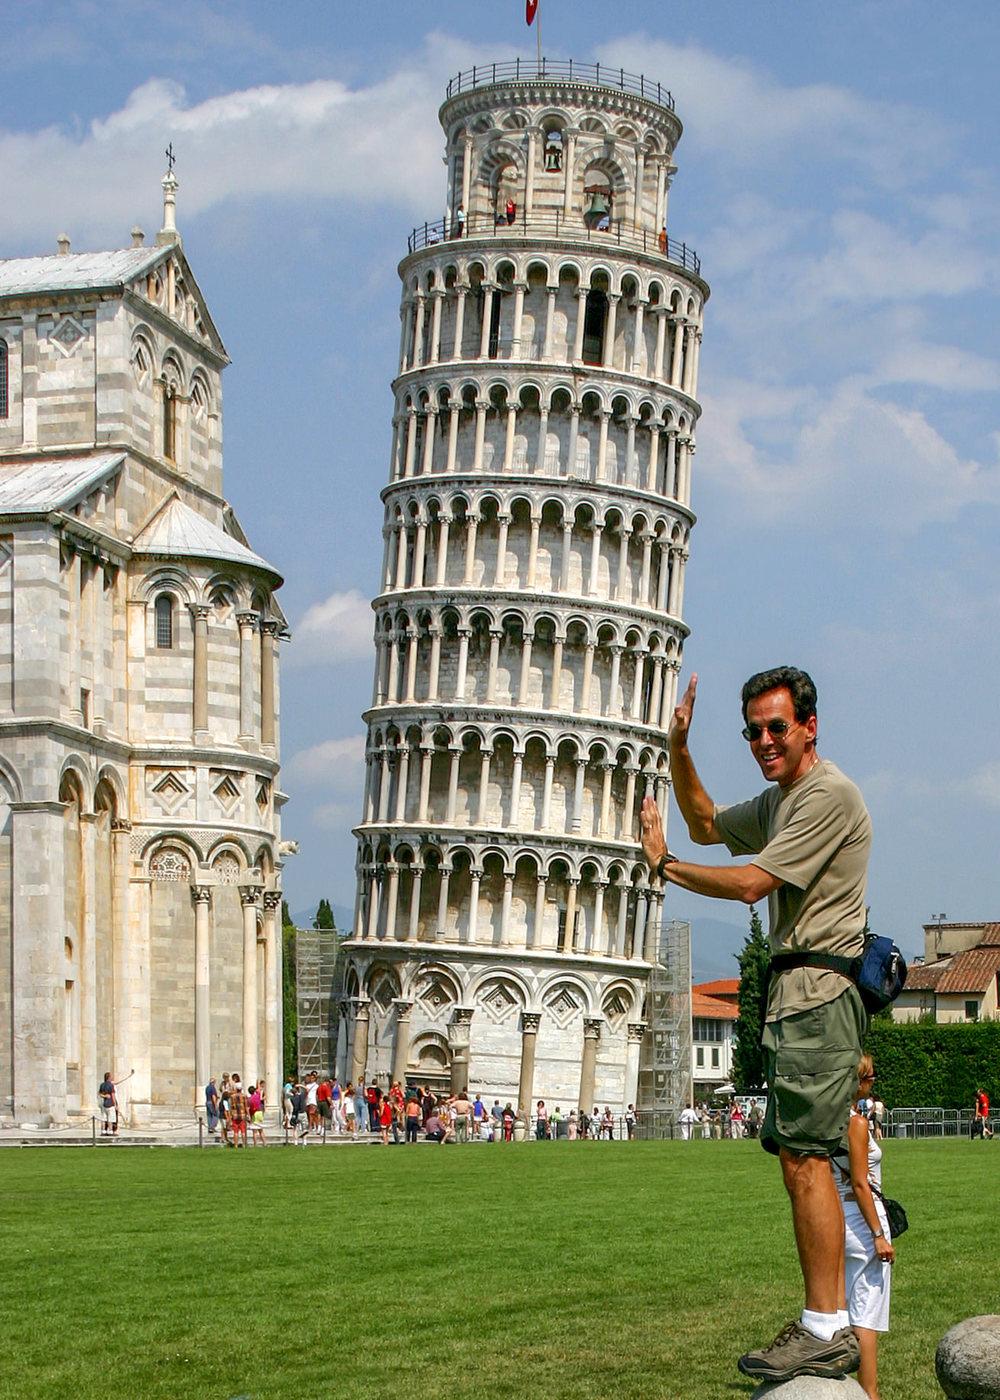 Pisa Italy (ha ha)